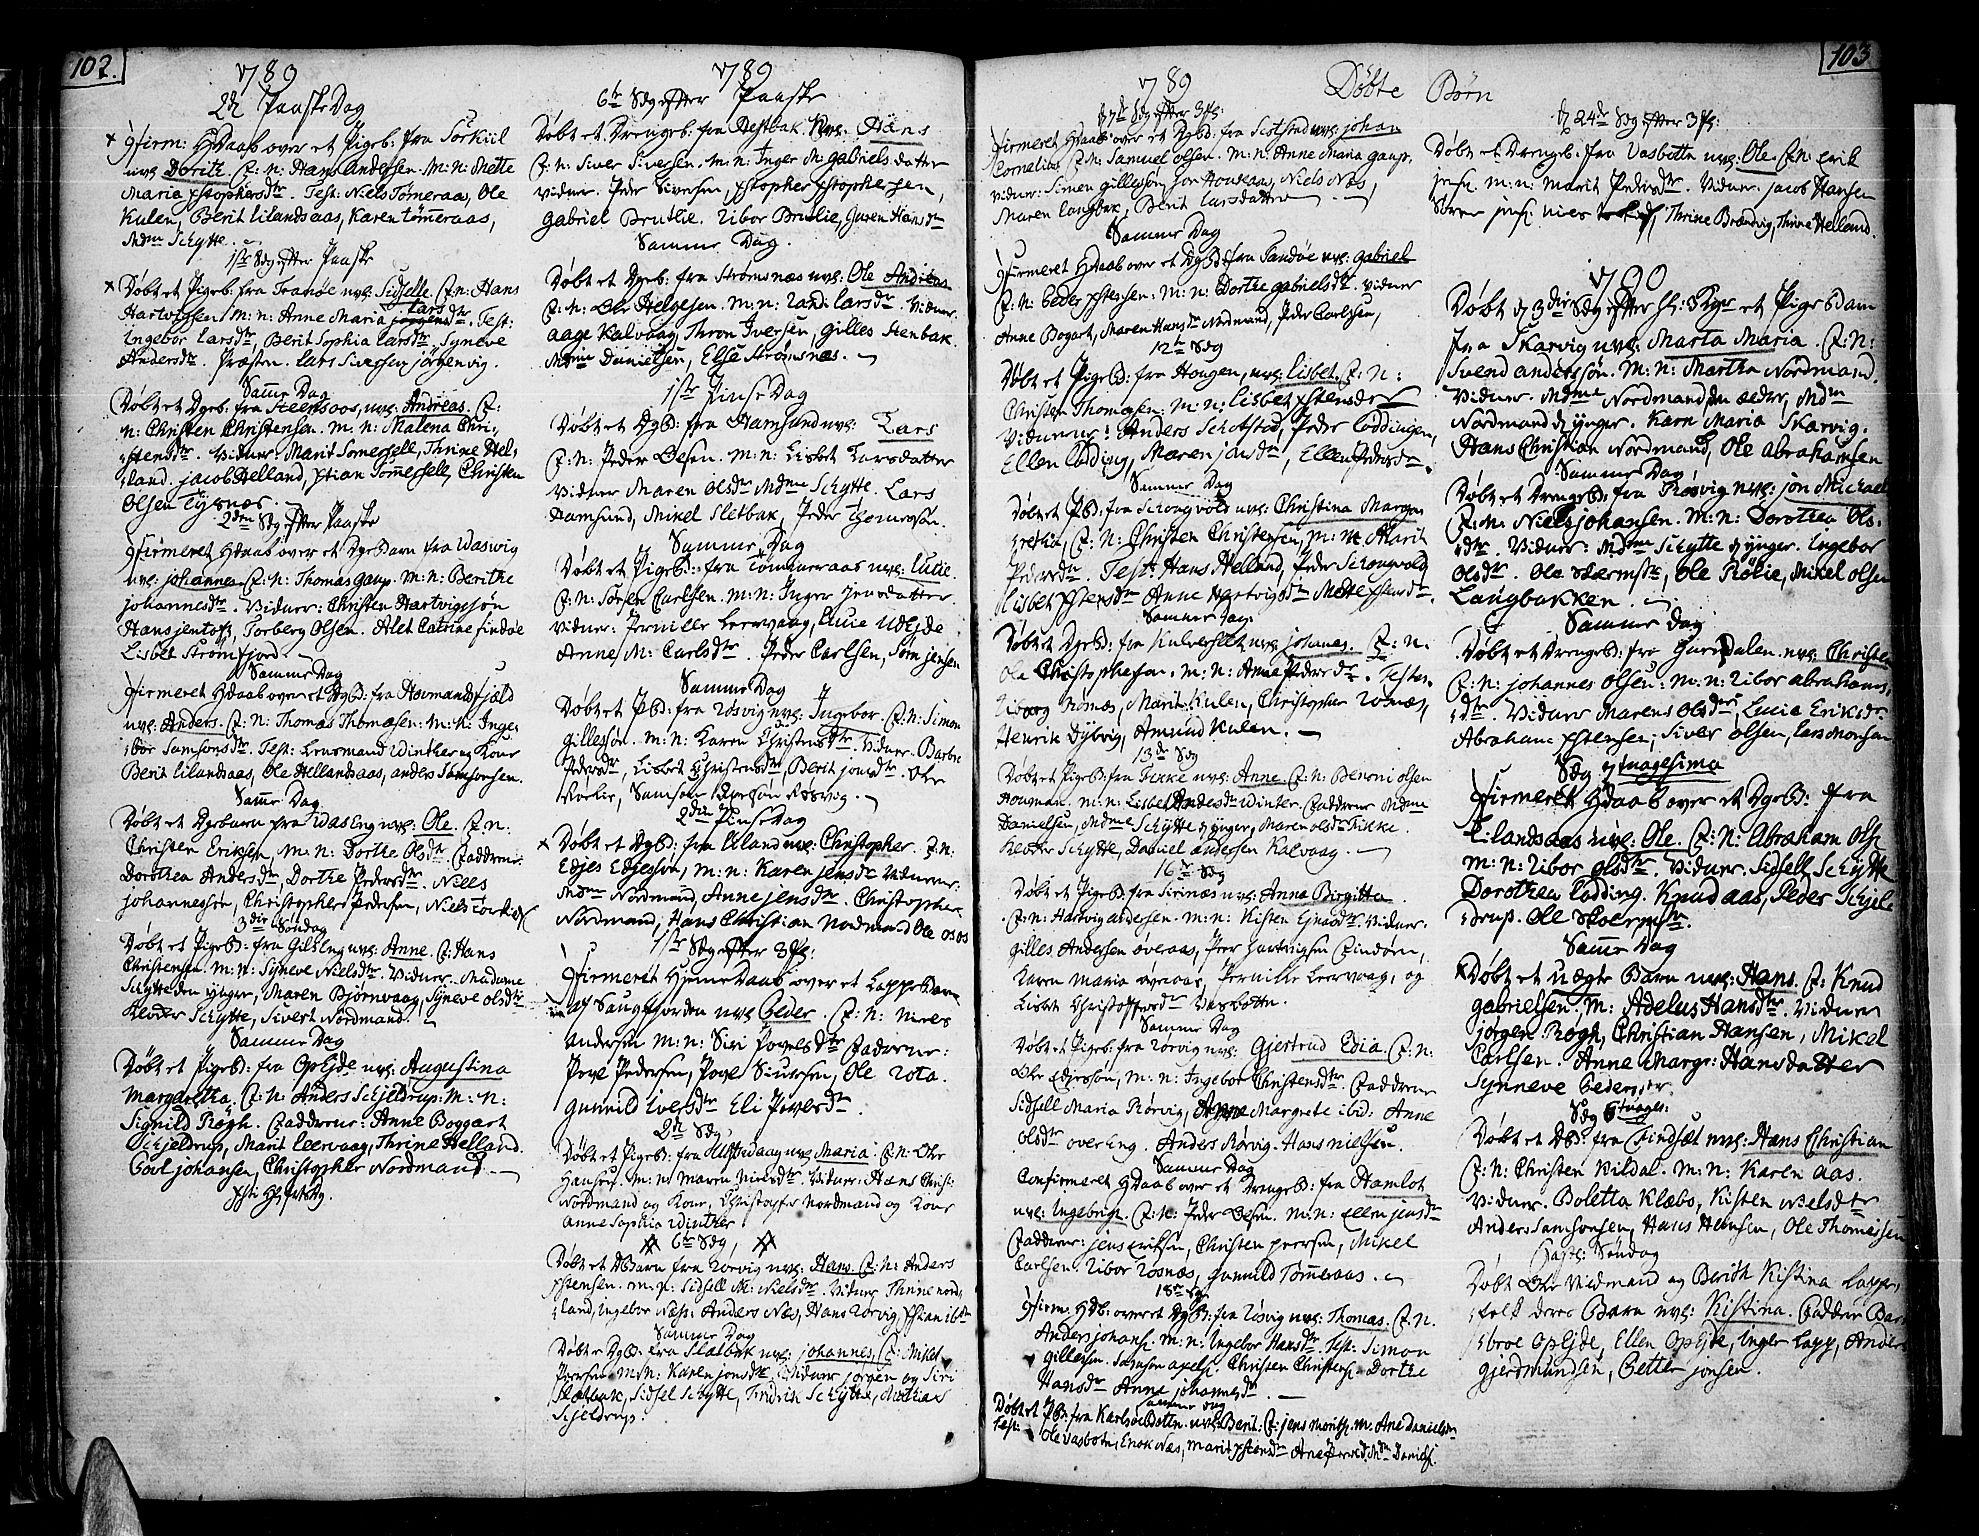 SAT, Ministerialprotokoller, klokkerbøker og fødselsregistre - Nordland, 859/L0841: Parish register (official) no. 859A01, 1766-1821, p. 102-103